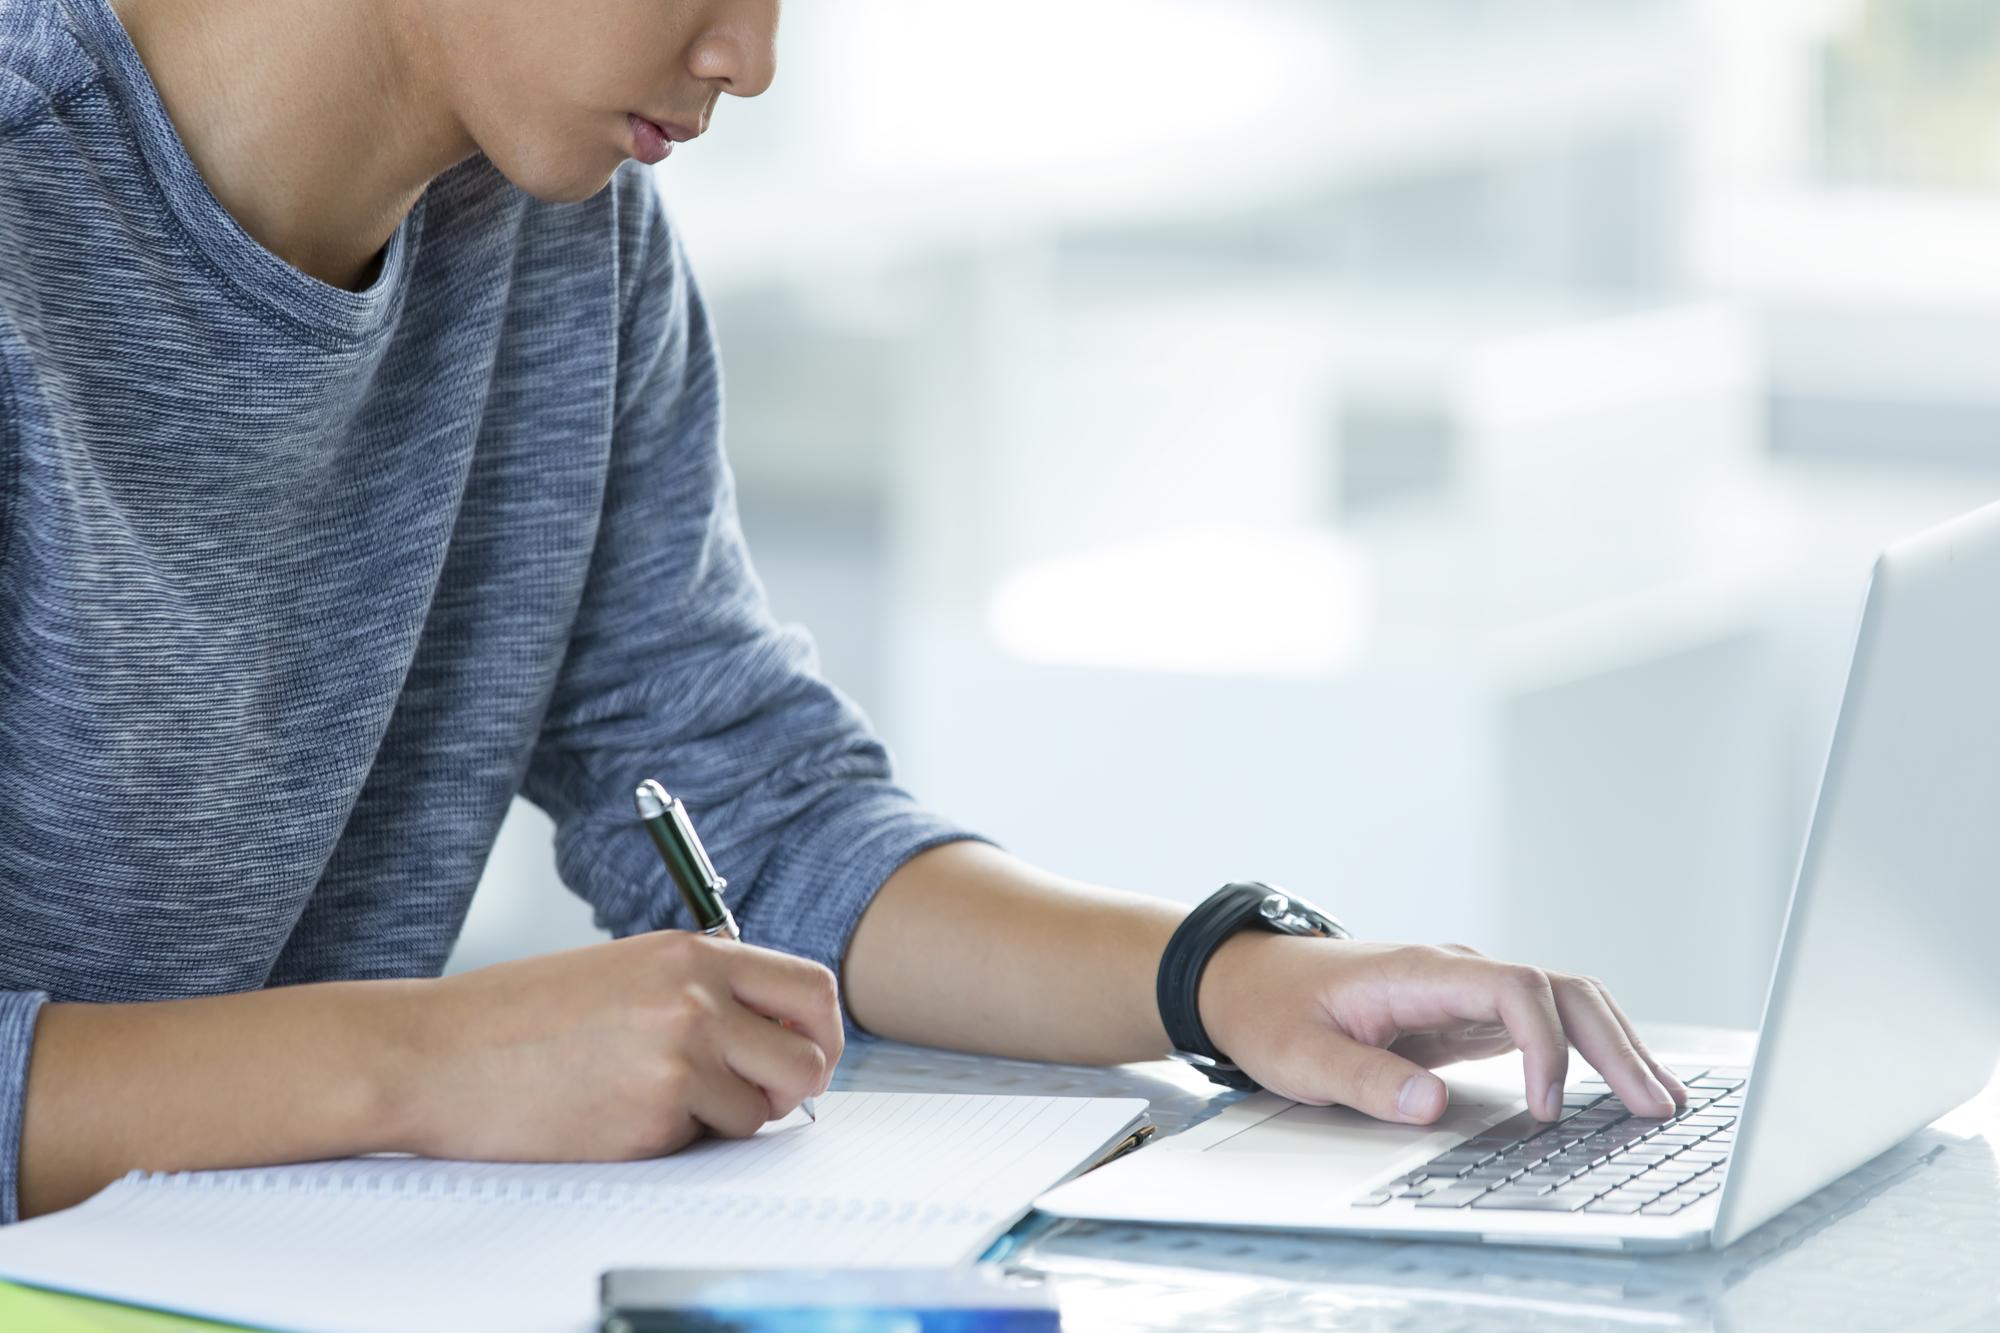 パソコンの前でメモを取っている男性